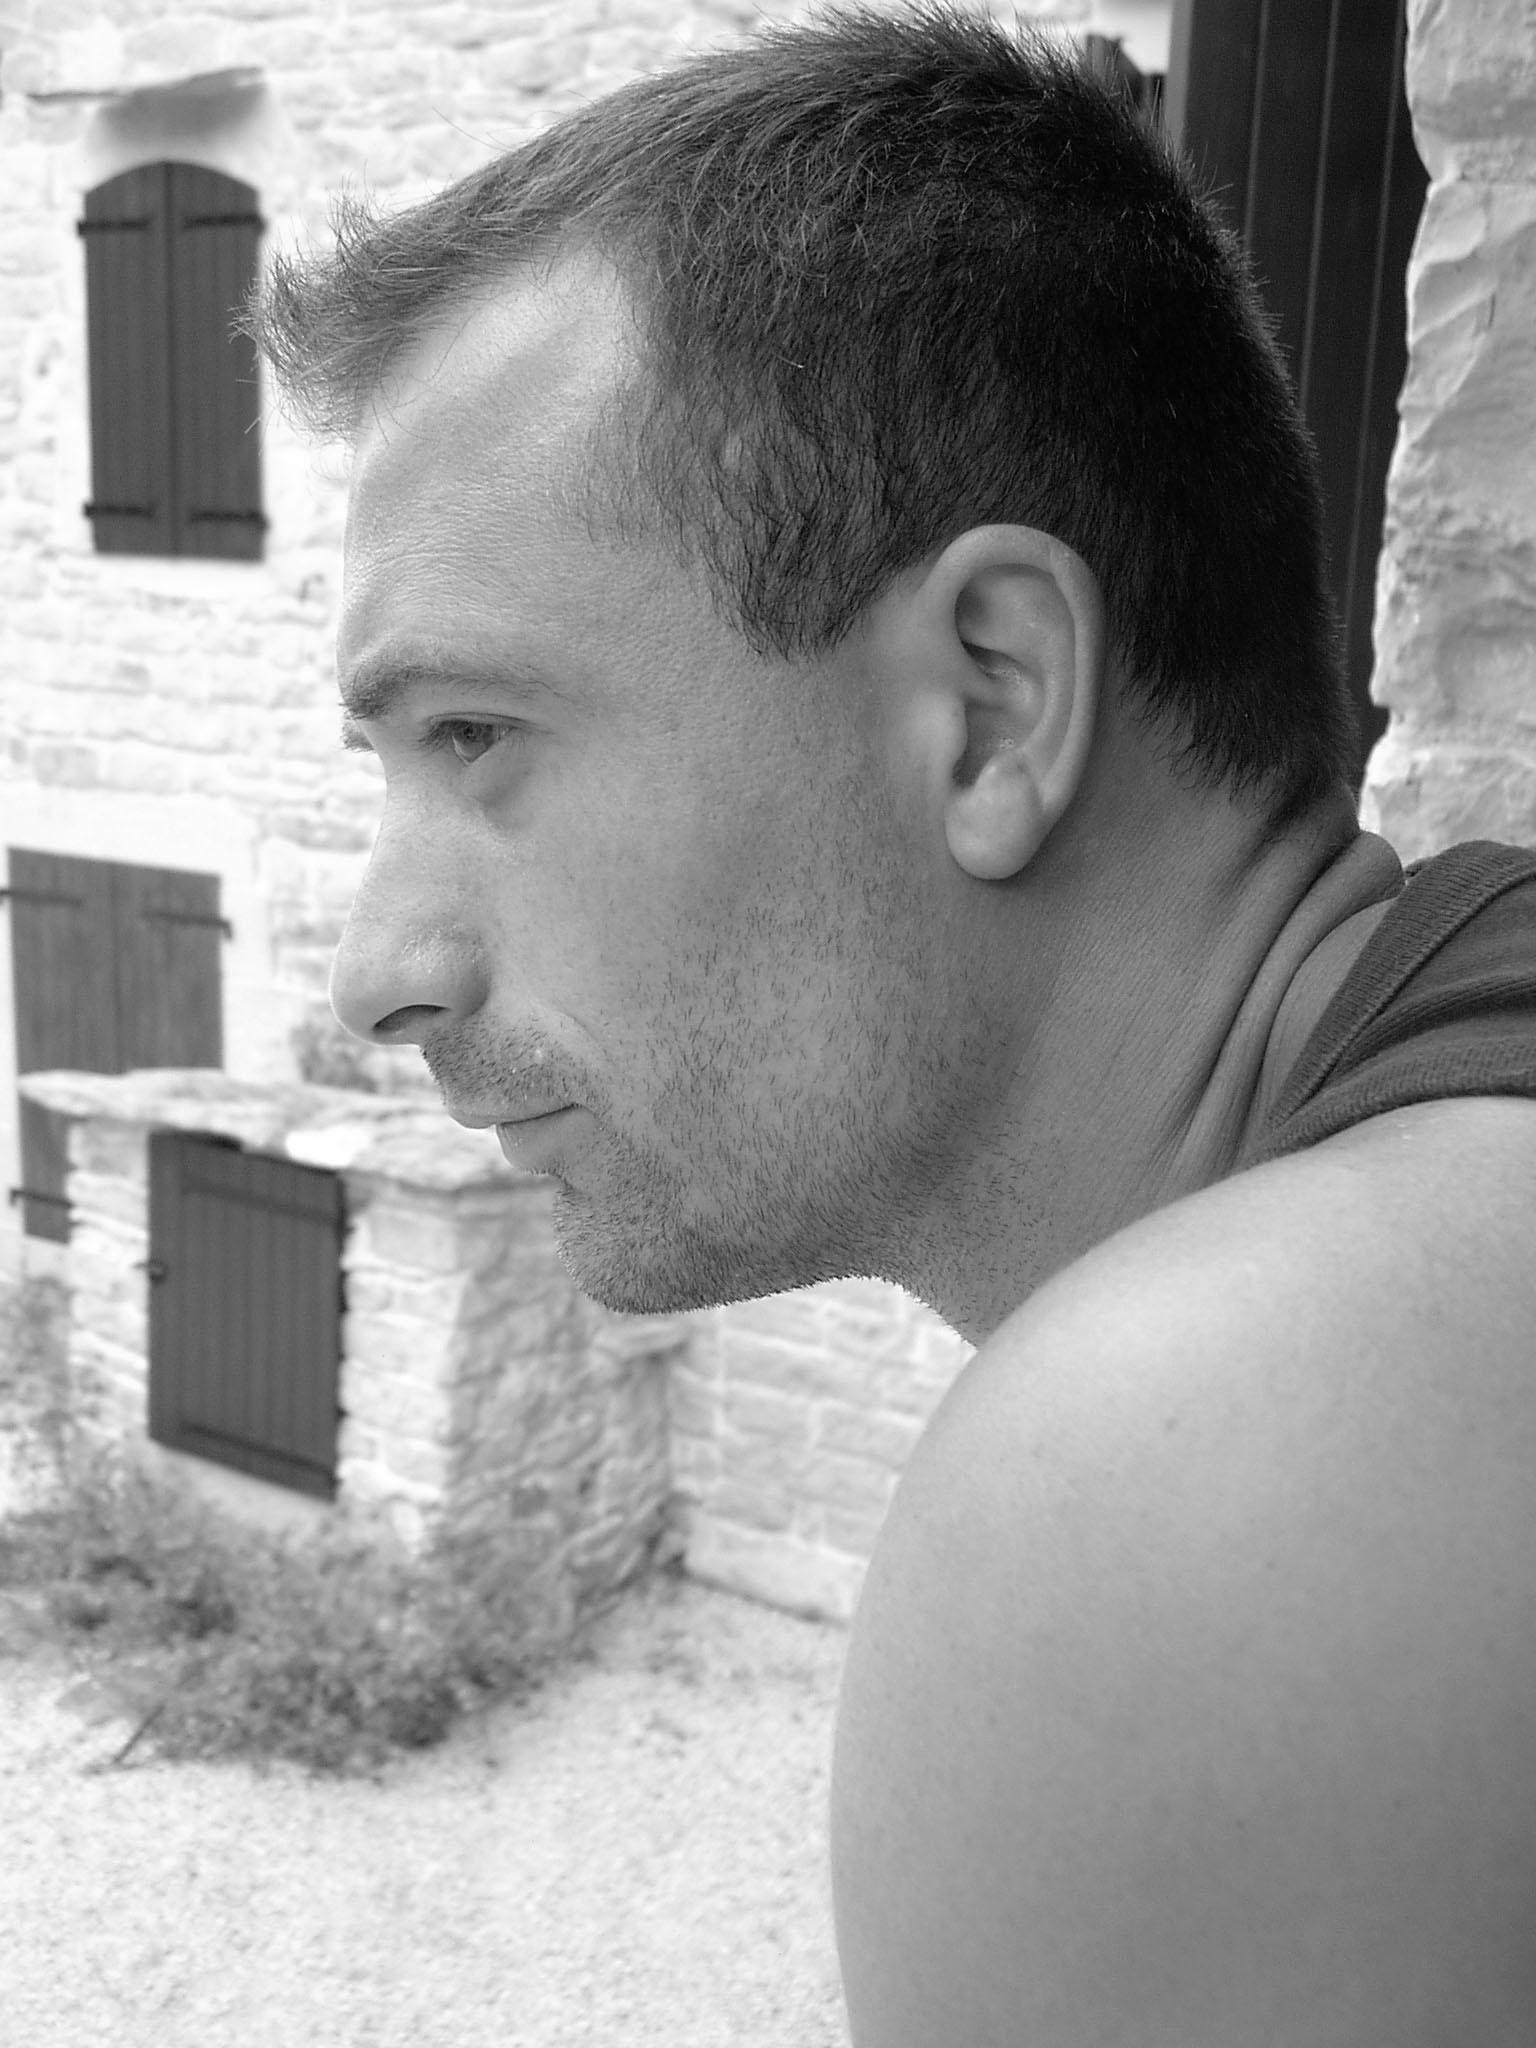 David Riboulet